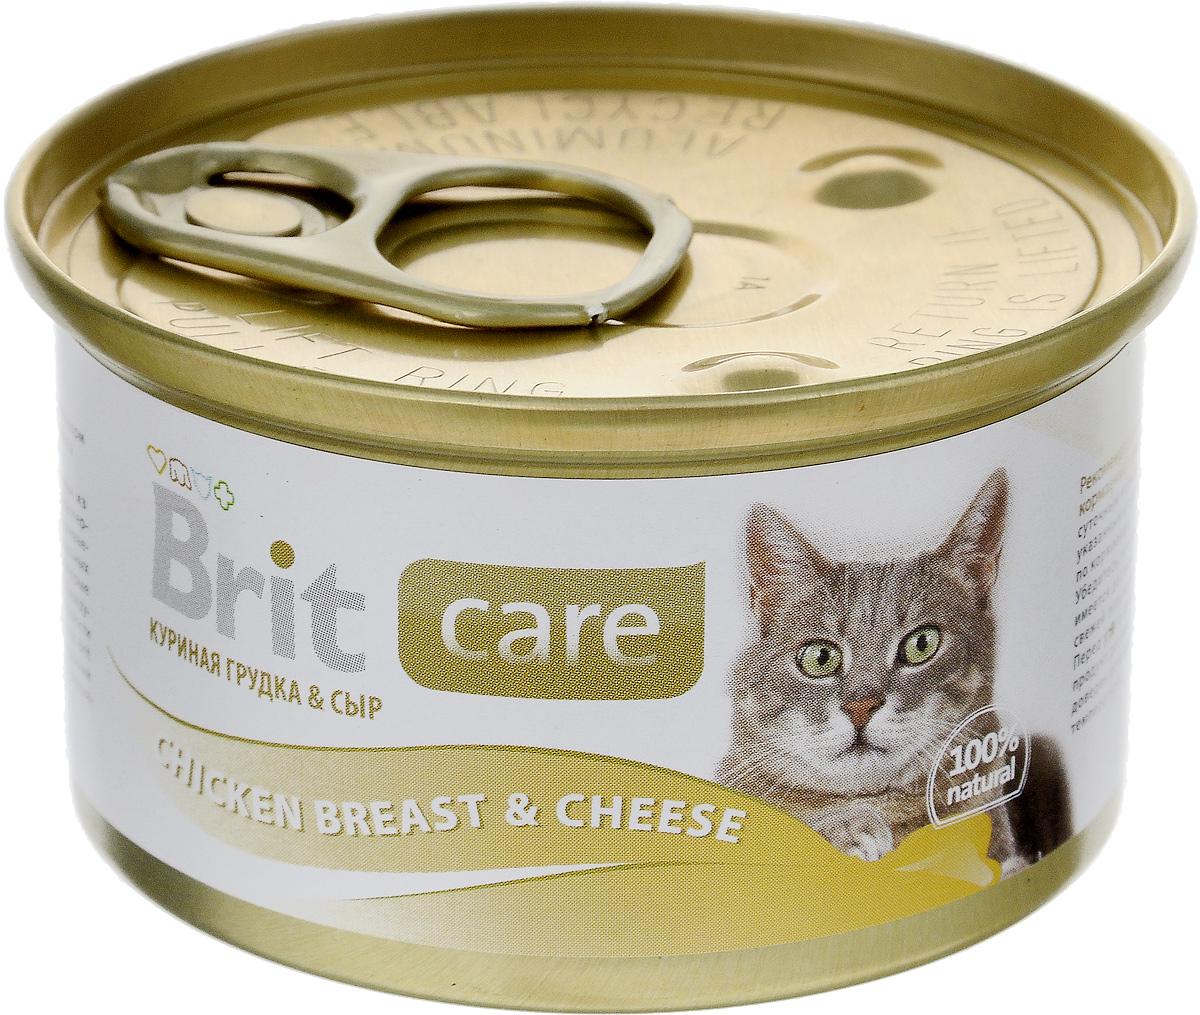 Консервы для кошек Brit Care, с куриной грудкой и сыром, 80 г8594031443018Консервы для кошек Brit Care - влажный корм класса премиум для кошек, с куриной грудкой и сыром. Изготовлен только из натуральных, гипоаллергенных, легко усваиваемых ингредиентов, которые снижают риск индивидуальной непереносимости пищевых продуктов. Корм помогает поддерживать внутренний баланс организма животного, что улучшает качество жизни вашей кошки. Товар сертифицирован.Чем кормить пожилых кошек: советы ветеринара. Статья OZON Гид